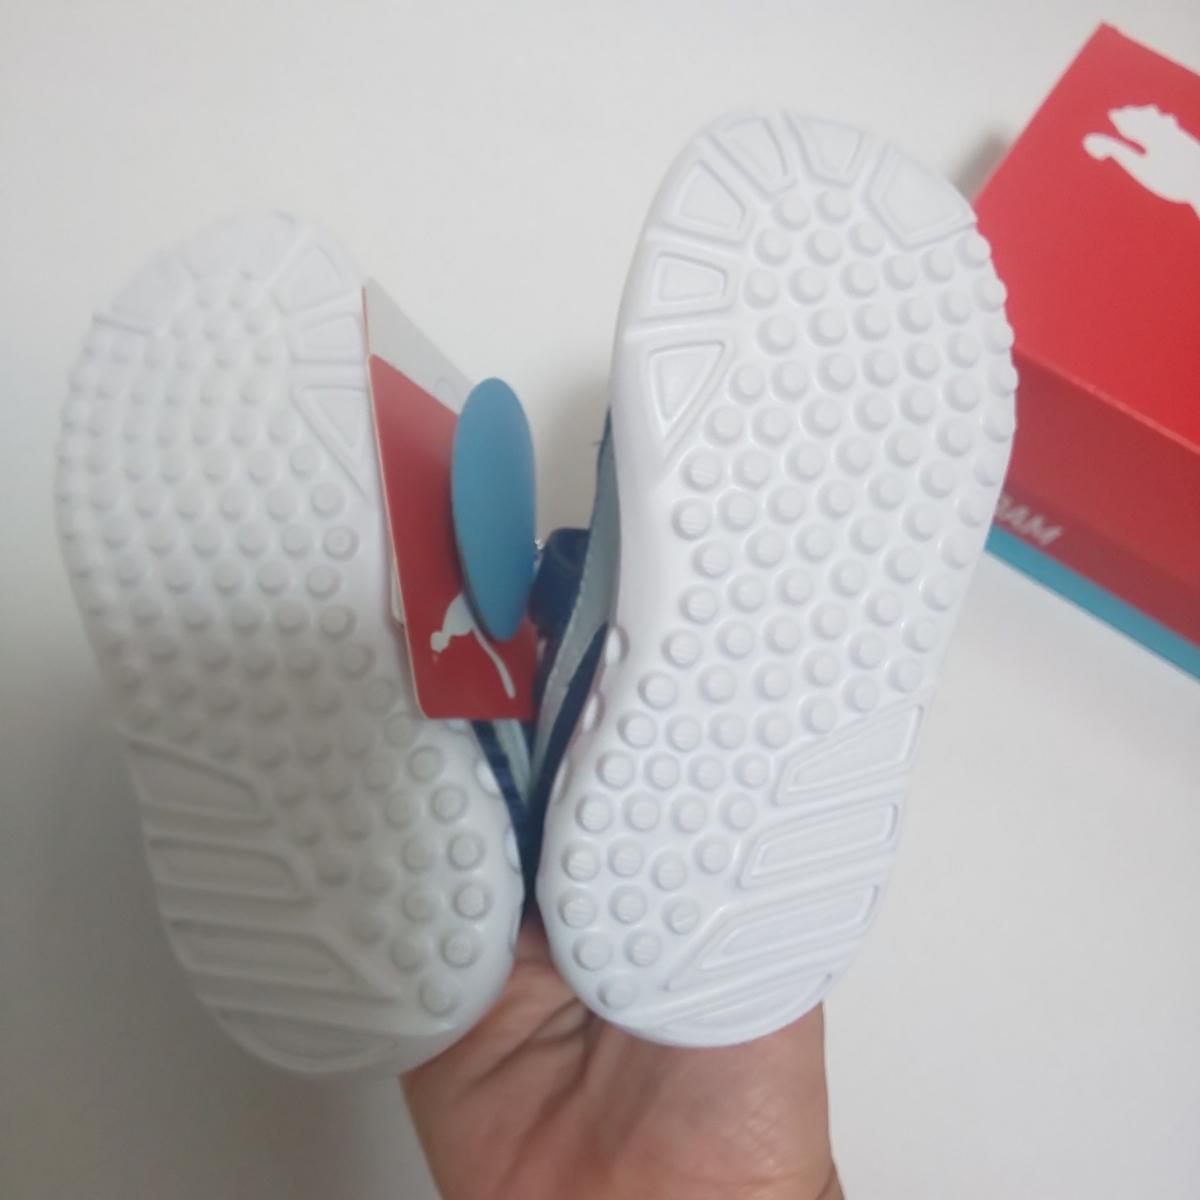 新品 PUMA スニーカー 14cm ブルー 男の子 キッズ プーマ 運動靴_画像5